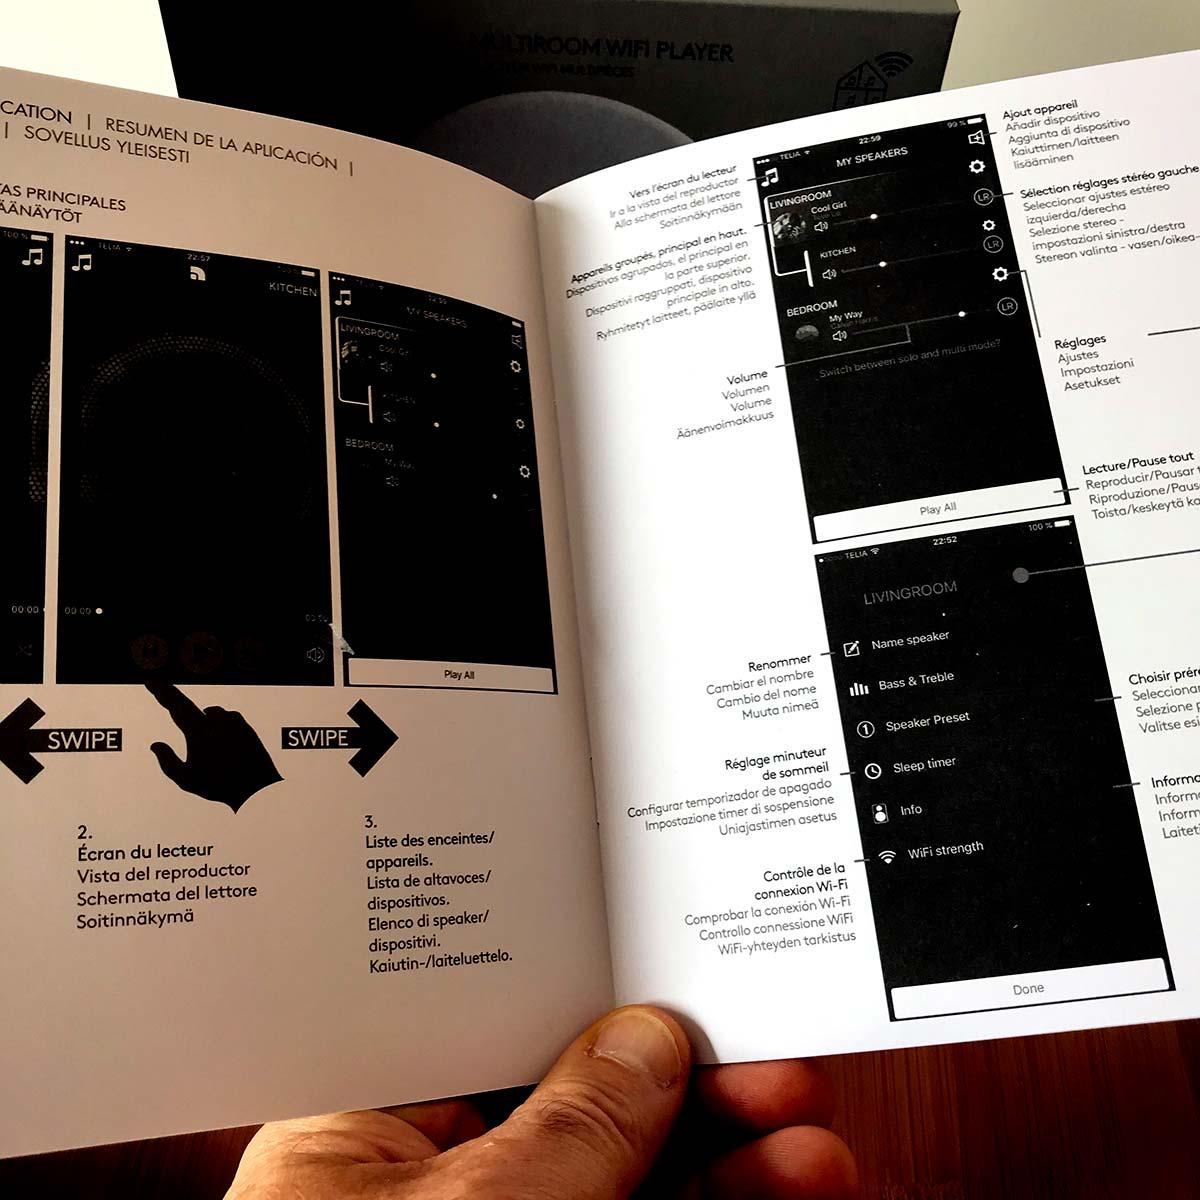 Mode d'emploi en version français et sur support papier fourni pour le lecteur Audio Pro Link 1